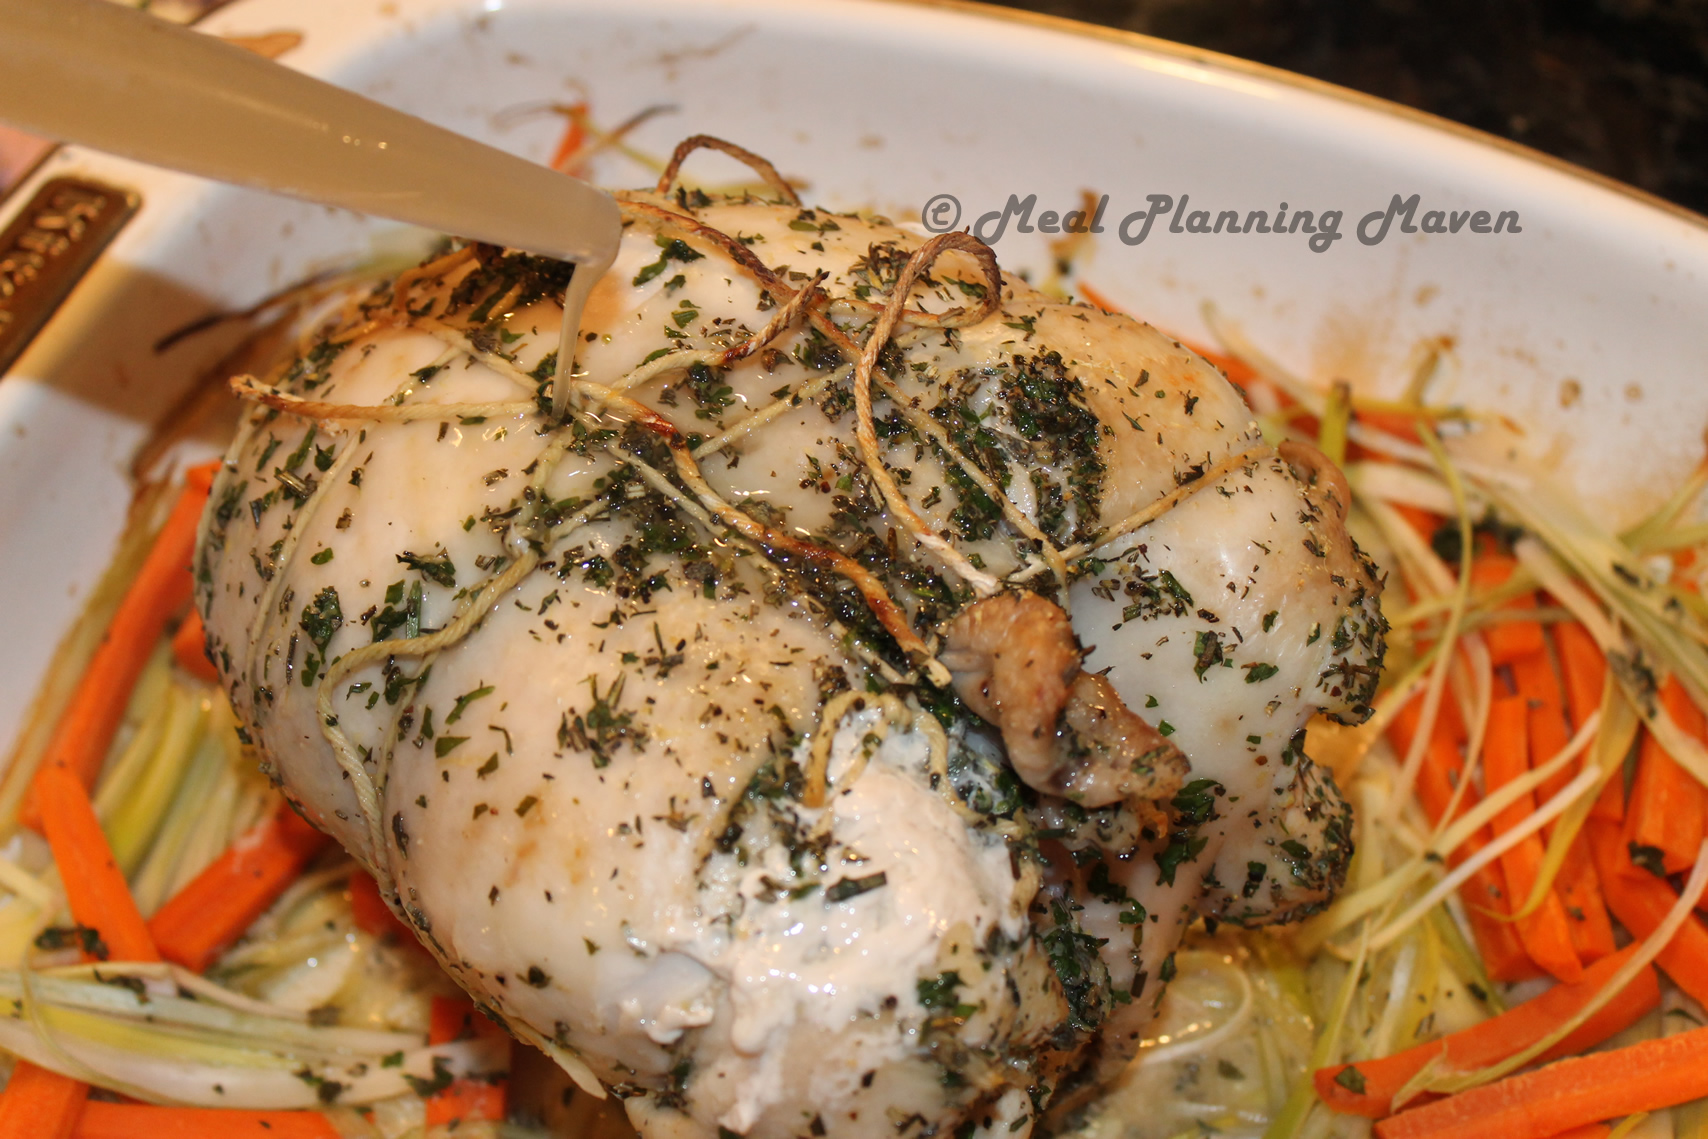 Stuffed turkey breast carrots garlic leeks